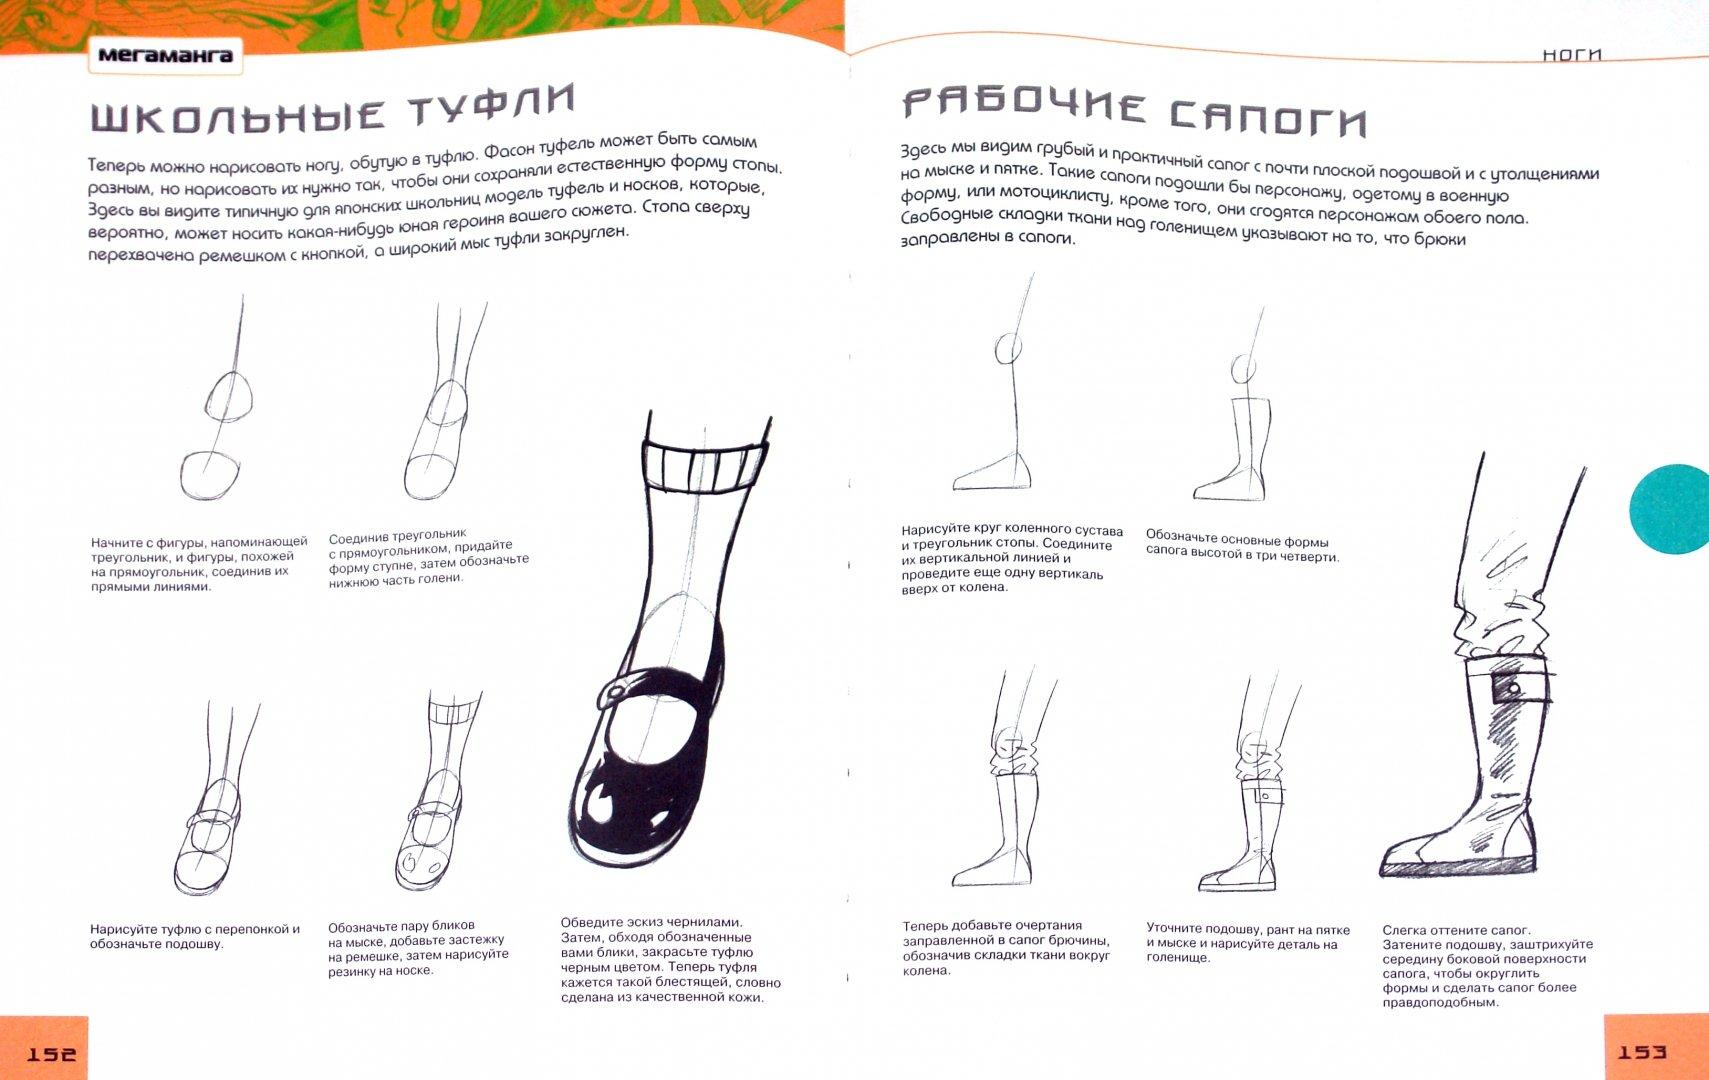 Иллюстрация 1 из 6 для Мегаманга: Полный курс по рисованию японских комиксов - Кит Спарроу | Лабиринт - книги. Источник: Лабиринт